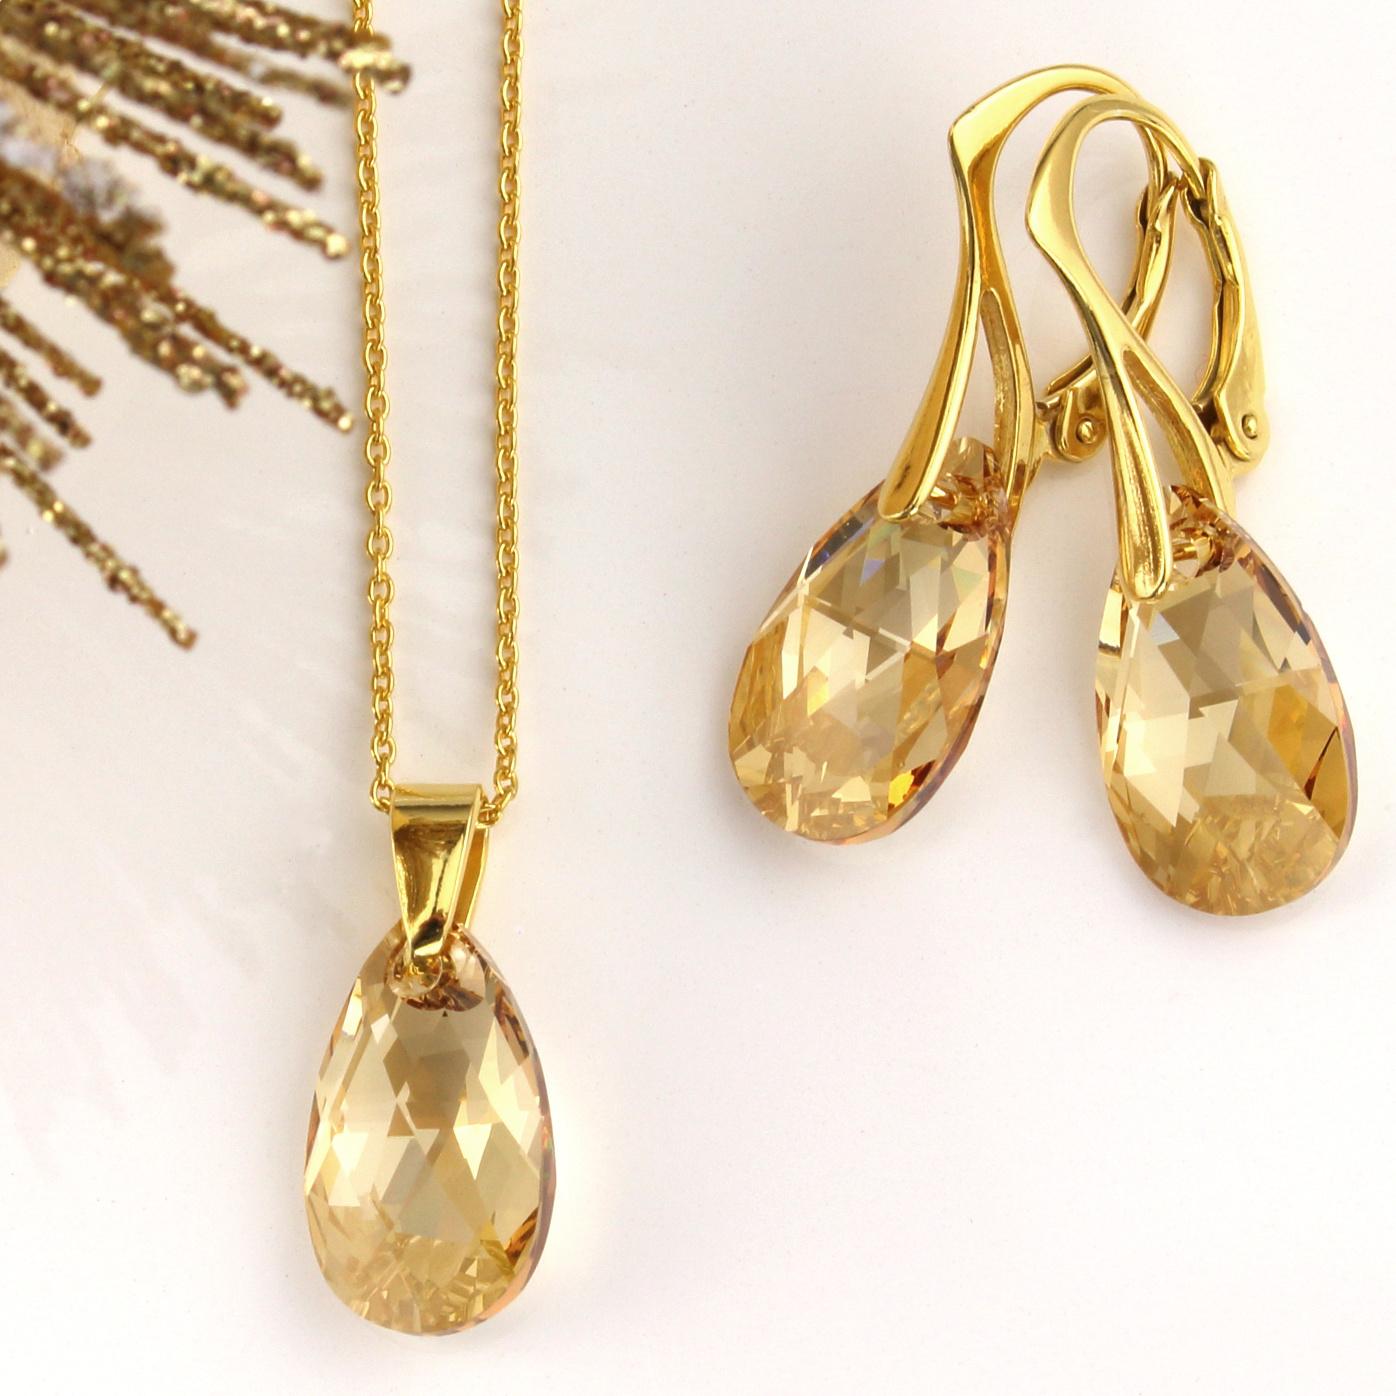 ARLIZI Schmuck Geschenk-Set Swarovski Kristall Sterling Silber vergoldet